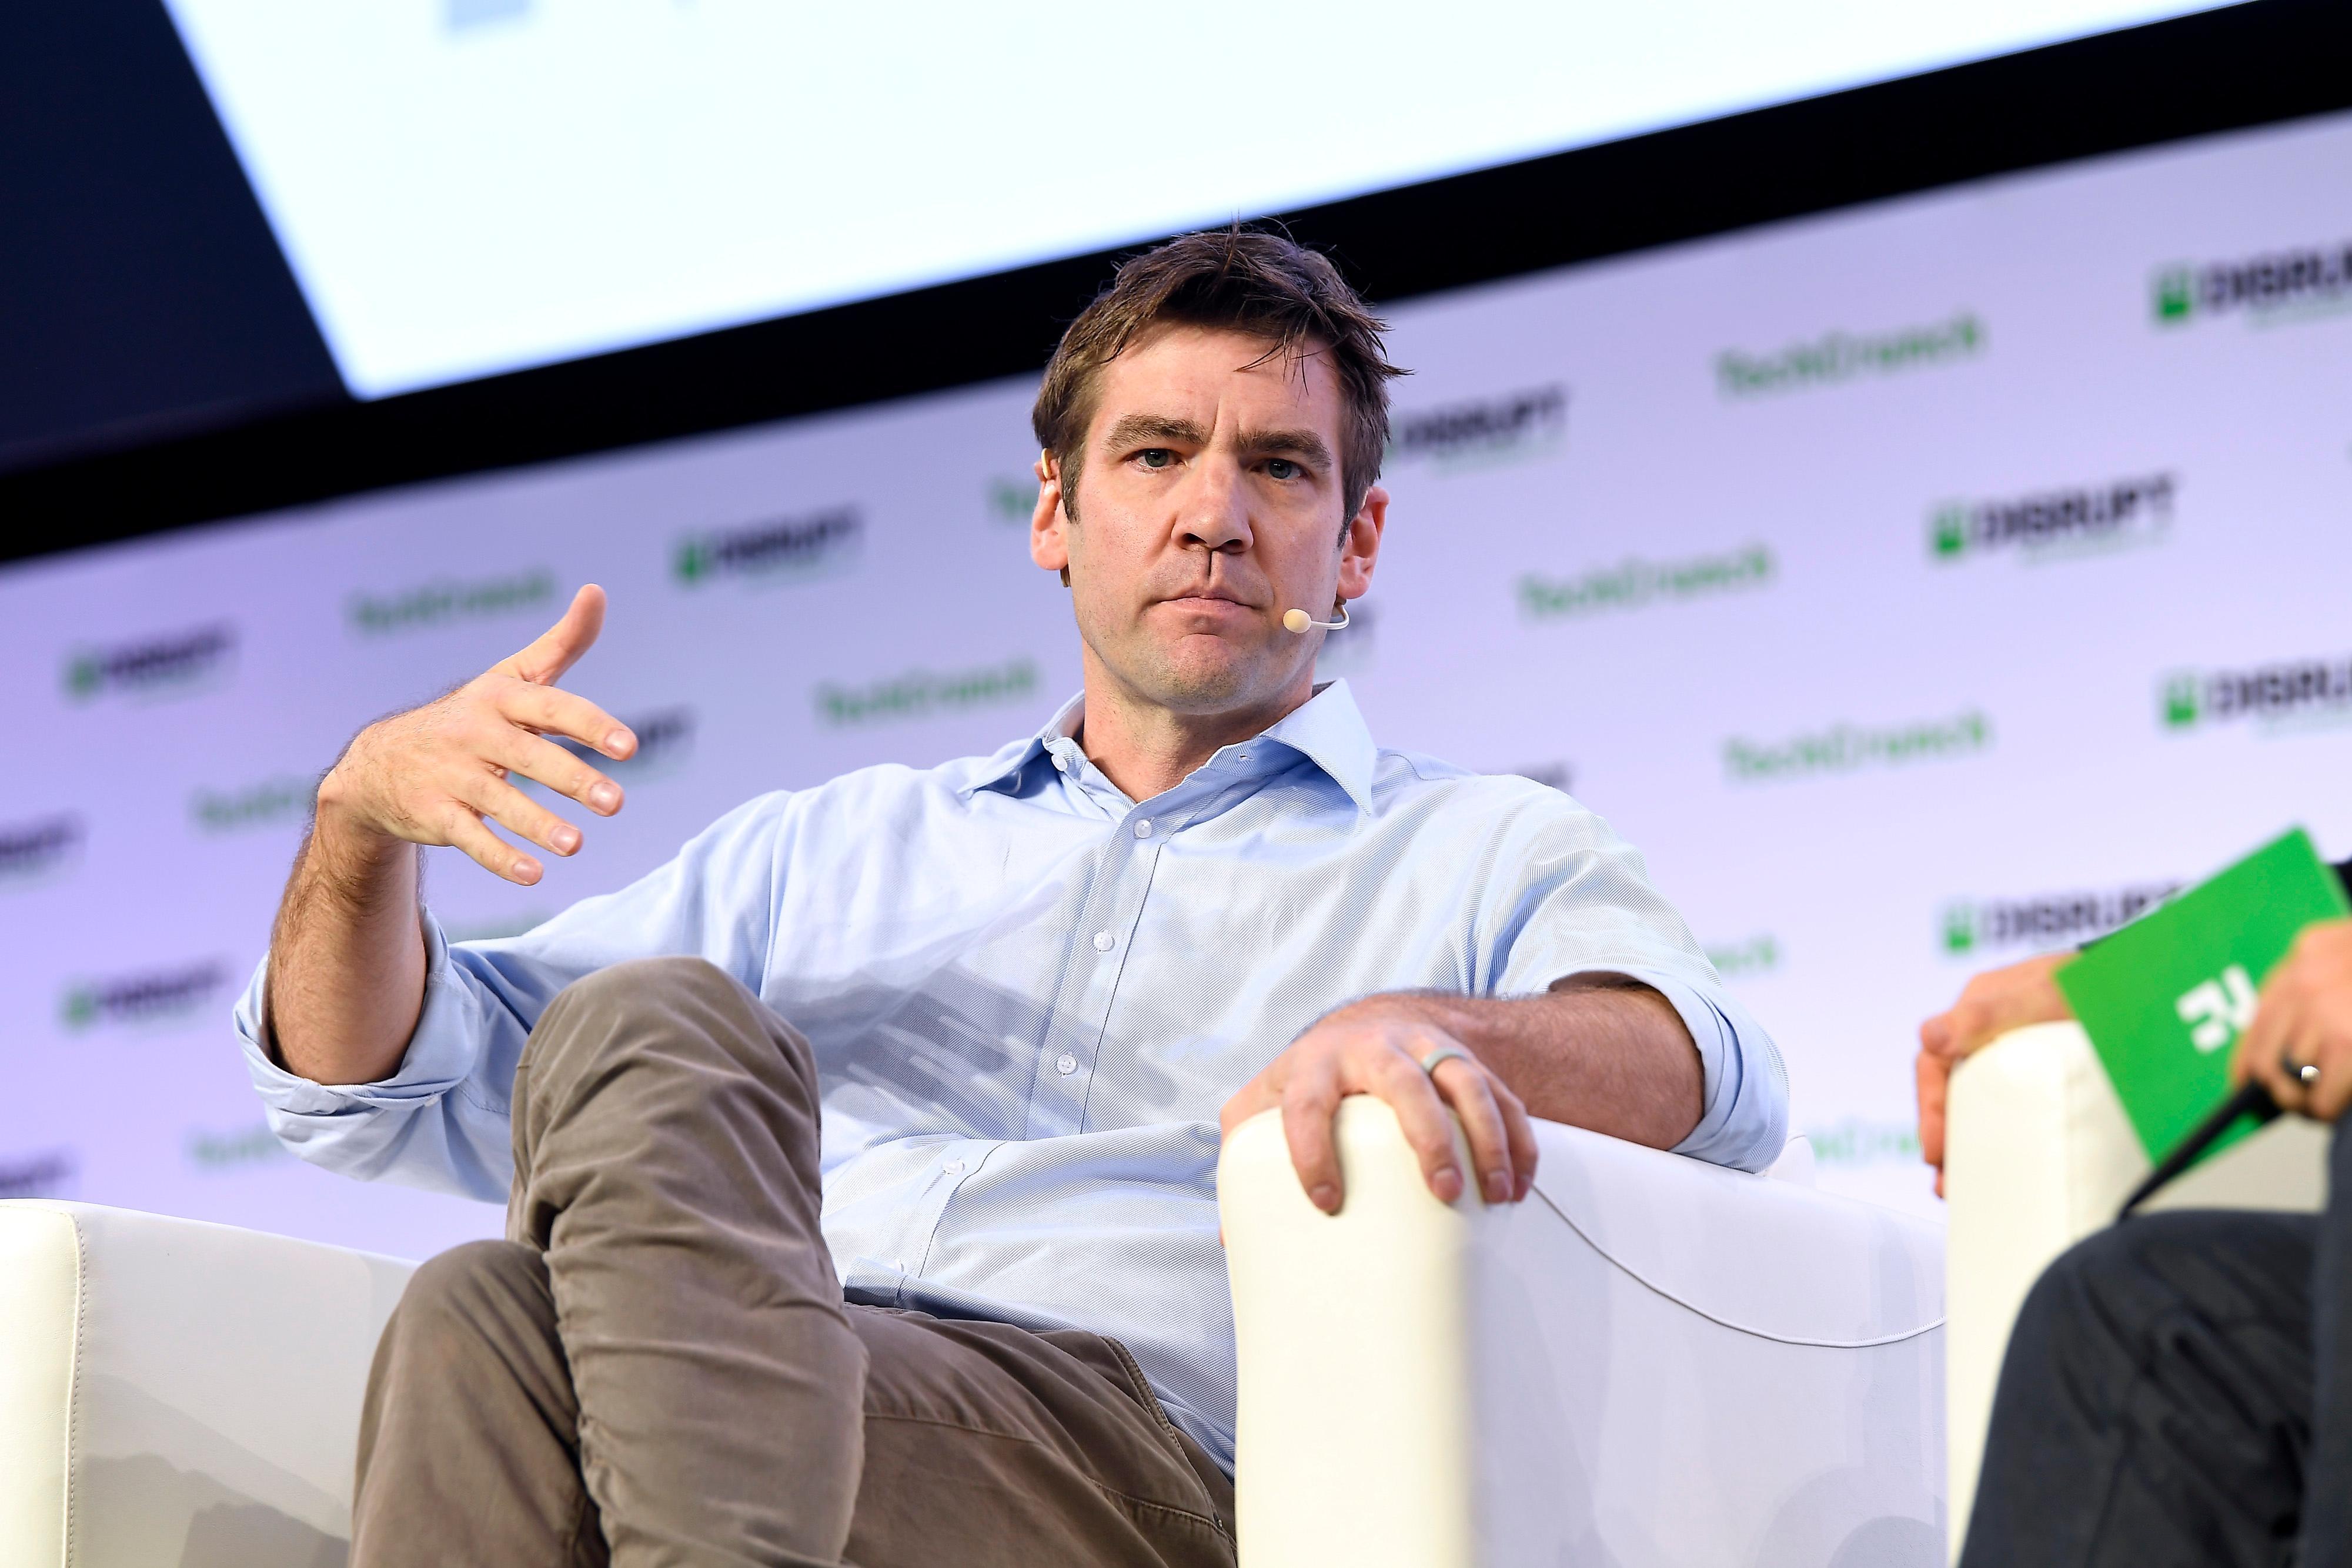 Andreessen Horowitz General Partner Chris Dixon